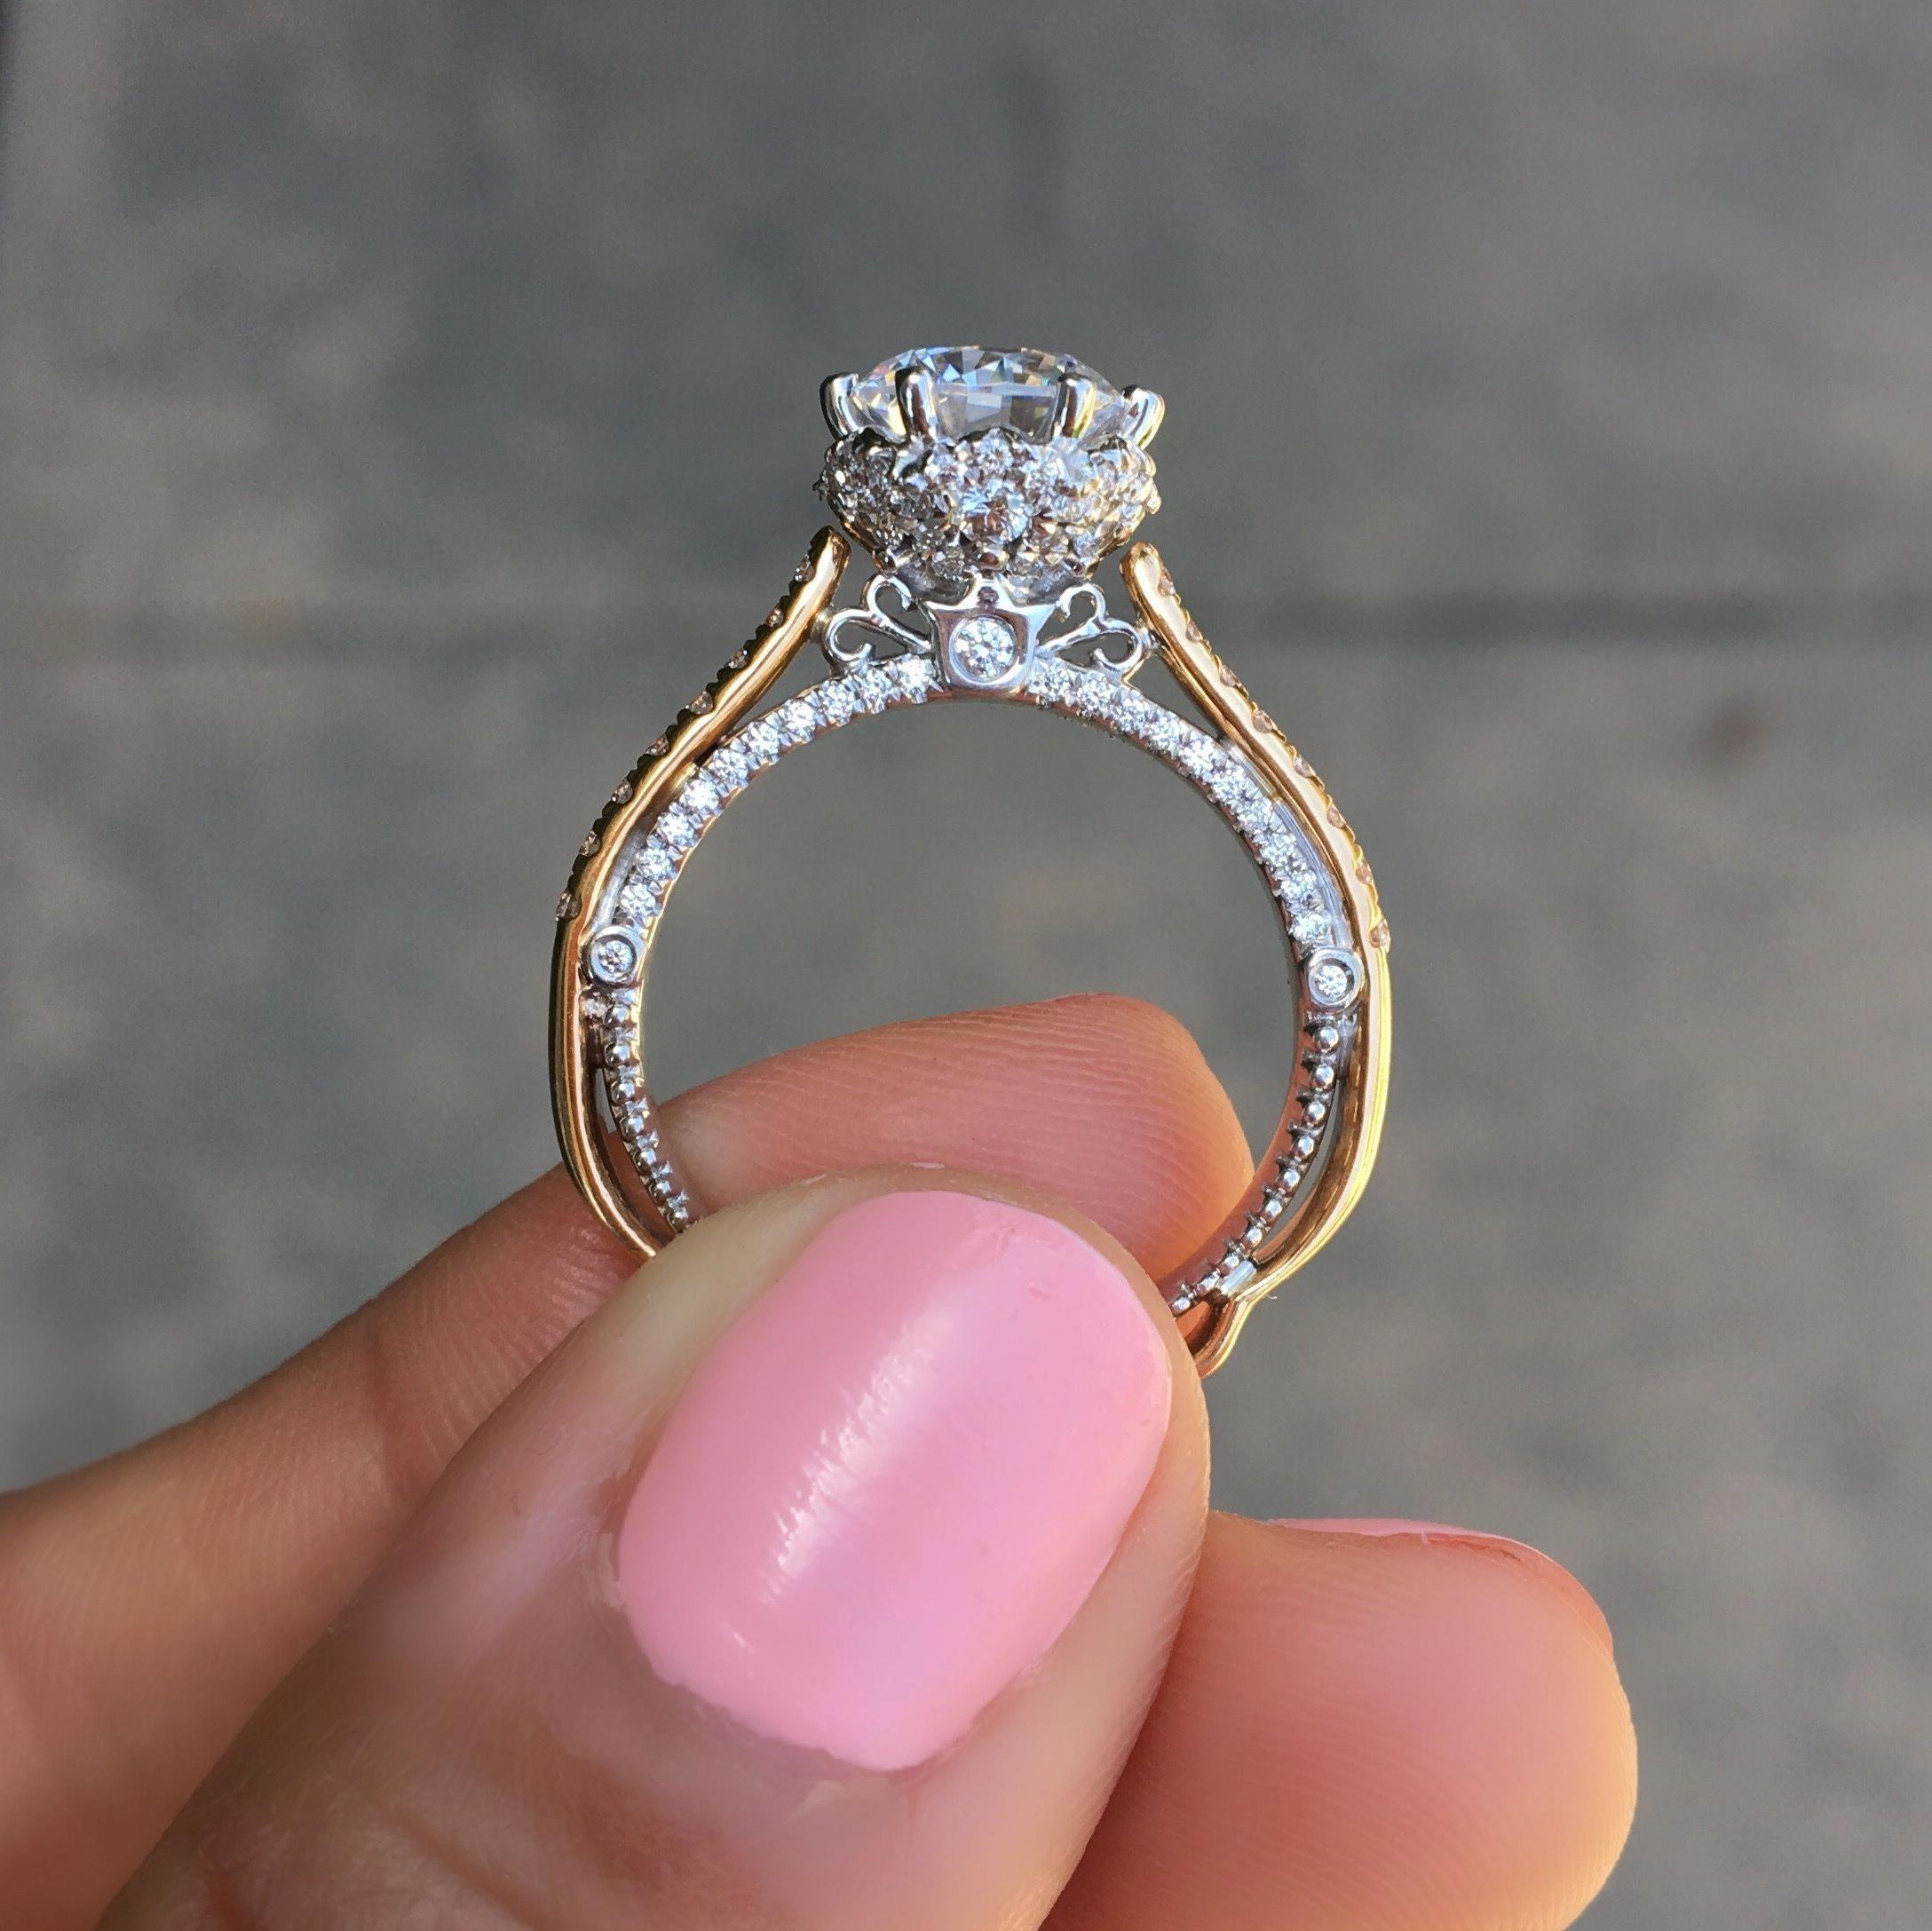 vintage wedding rings on sale now! vintageweddingrings